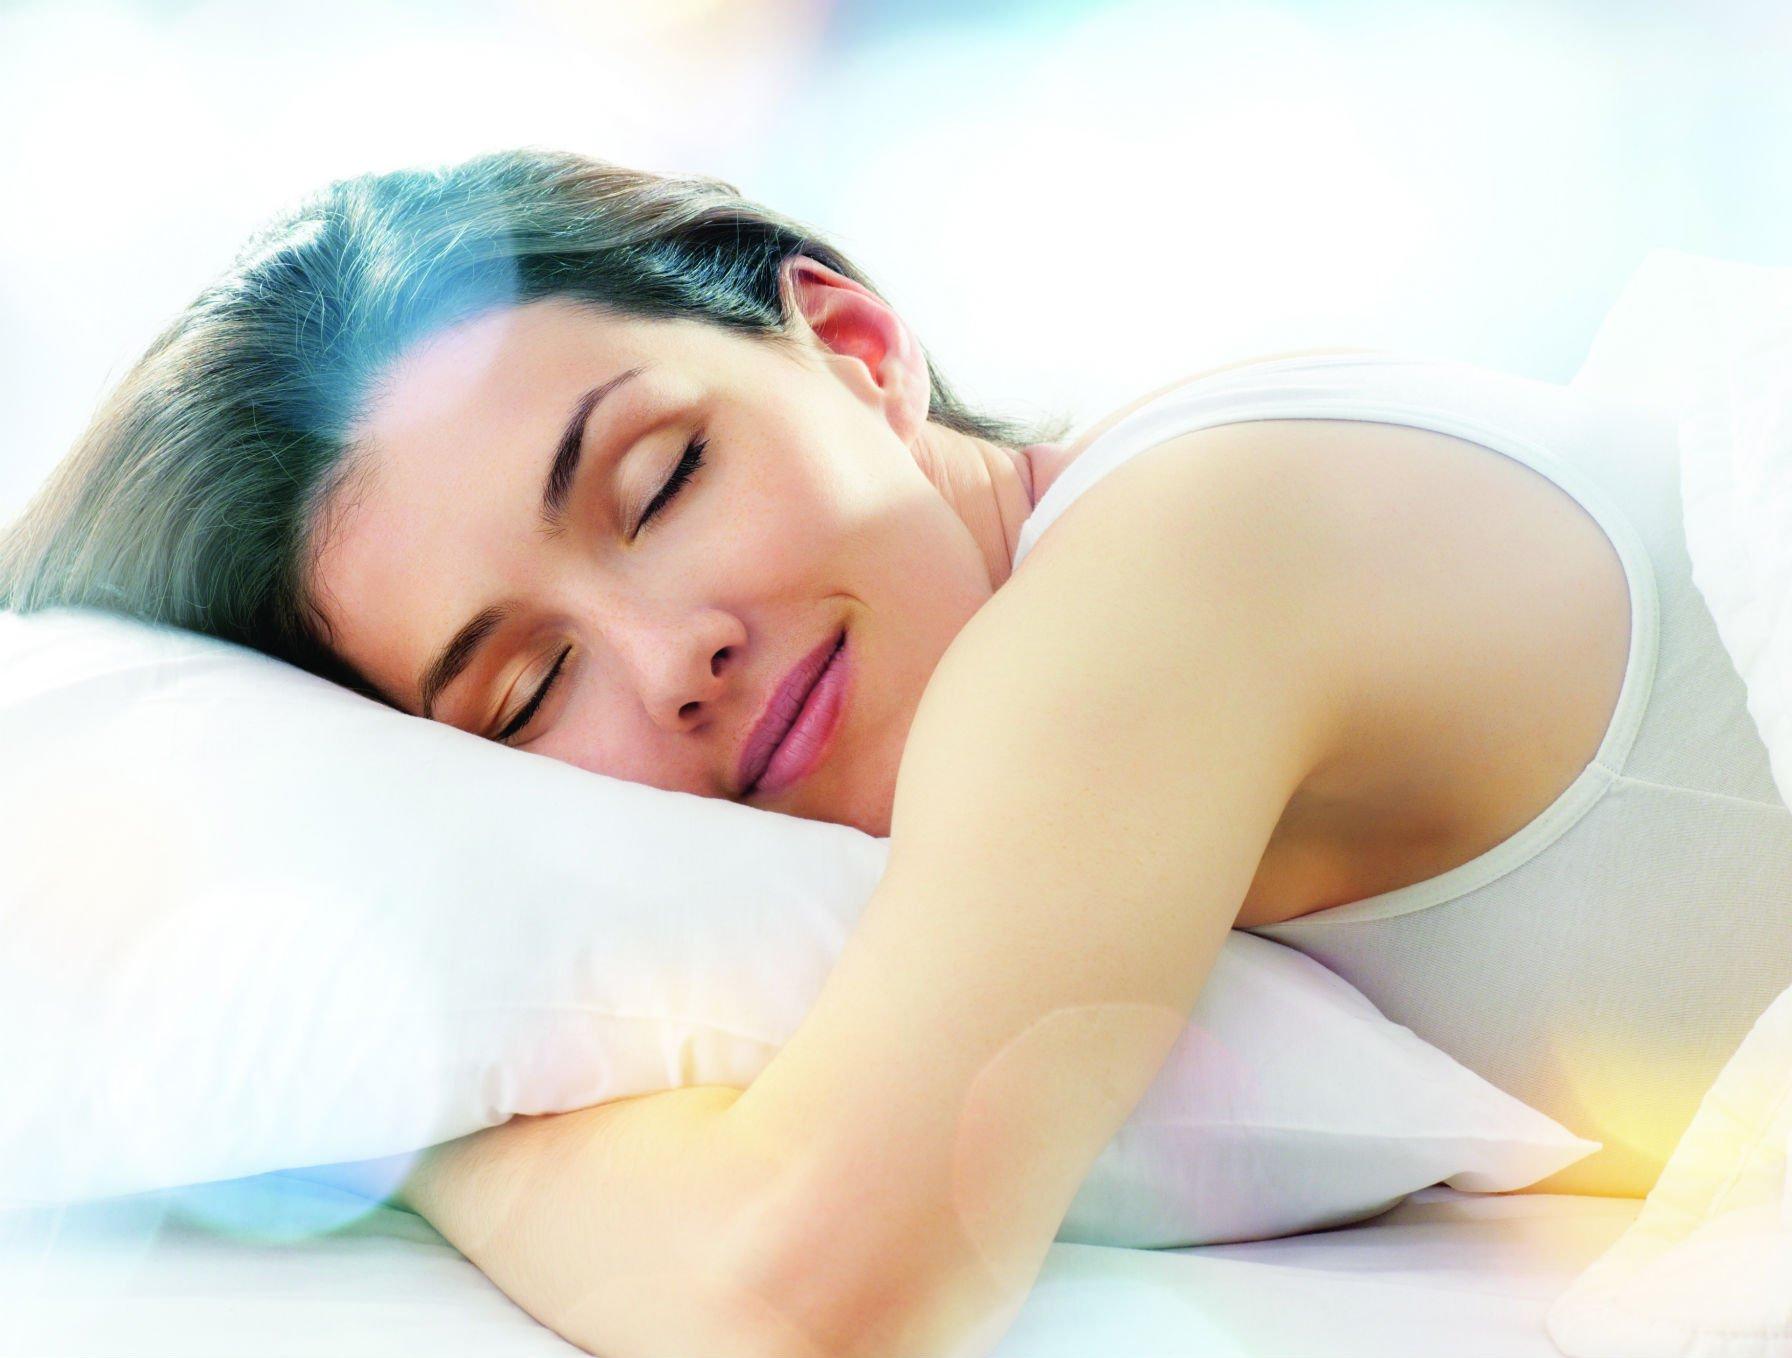 האחת והיחידה: התנוחה הבריאה ביותר לשינה